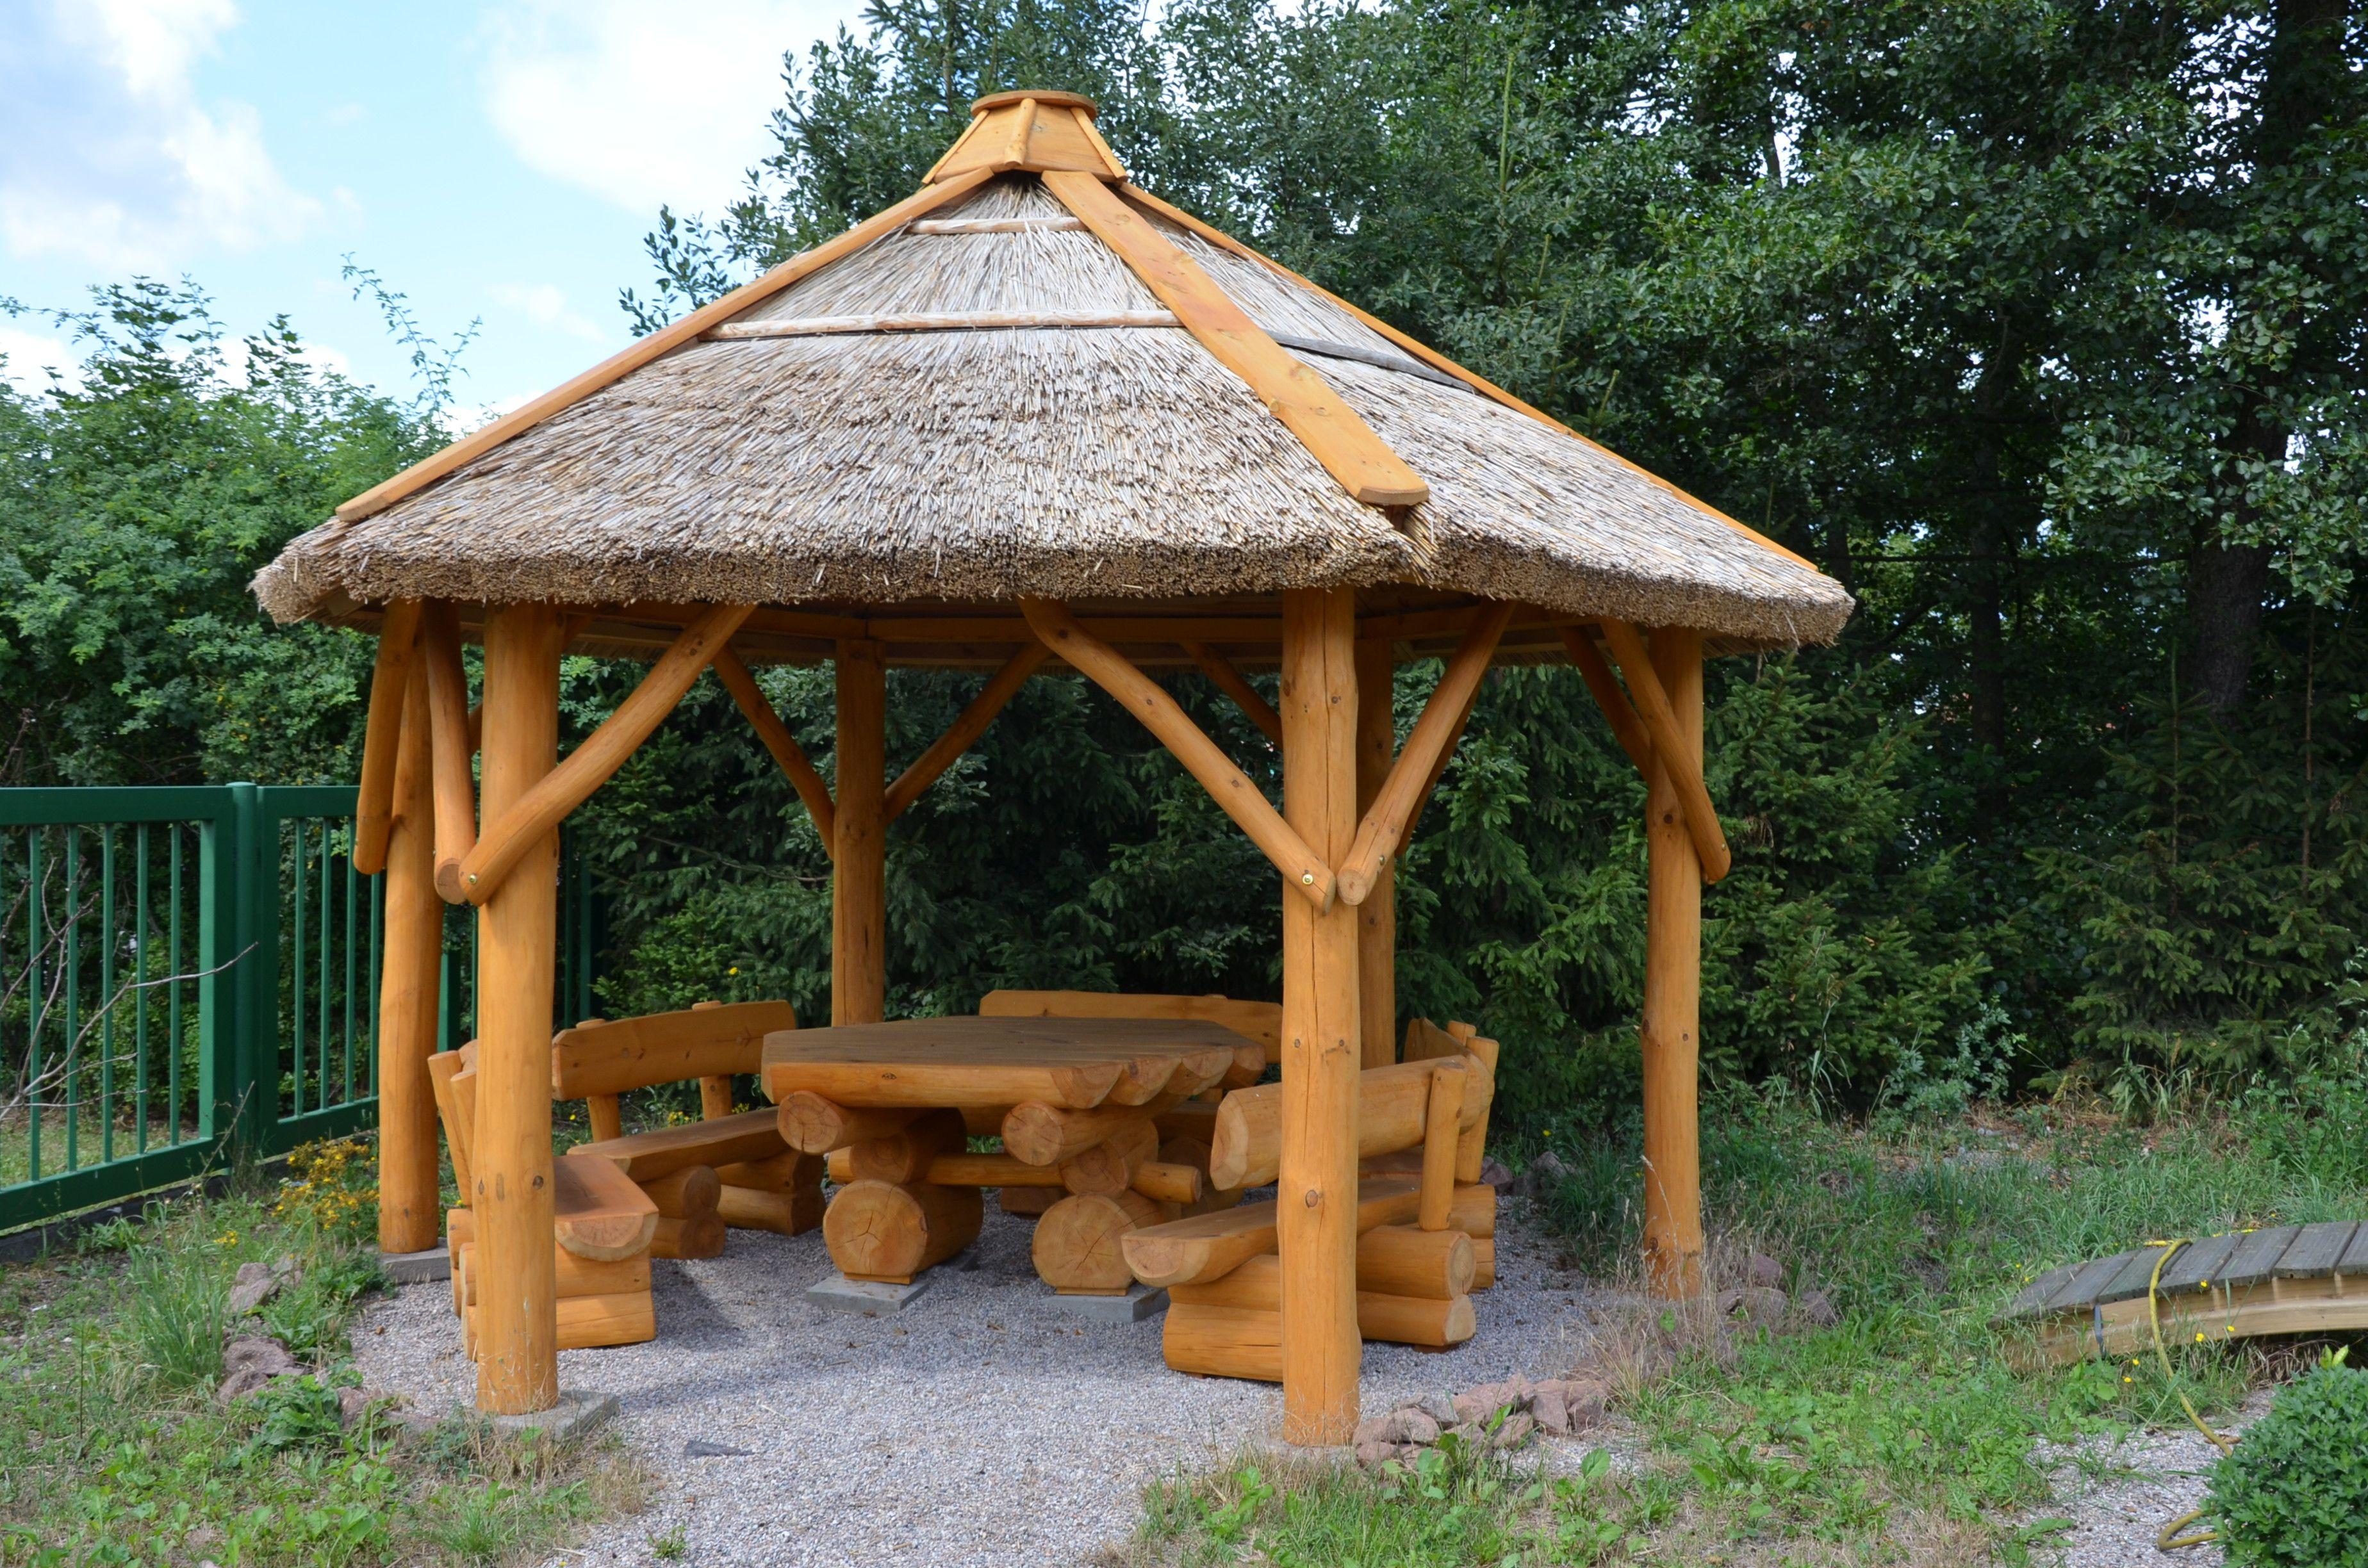 6 Eck-Pavillion mit Reetdach sowie mit 6-Eck-Tisch und 6 Bänken ...